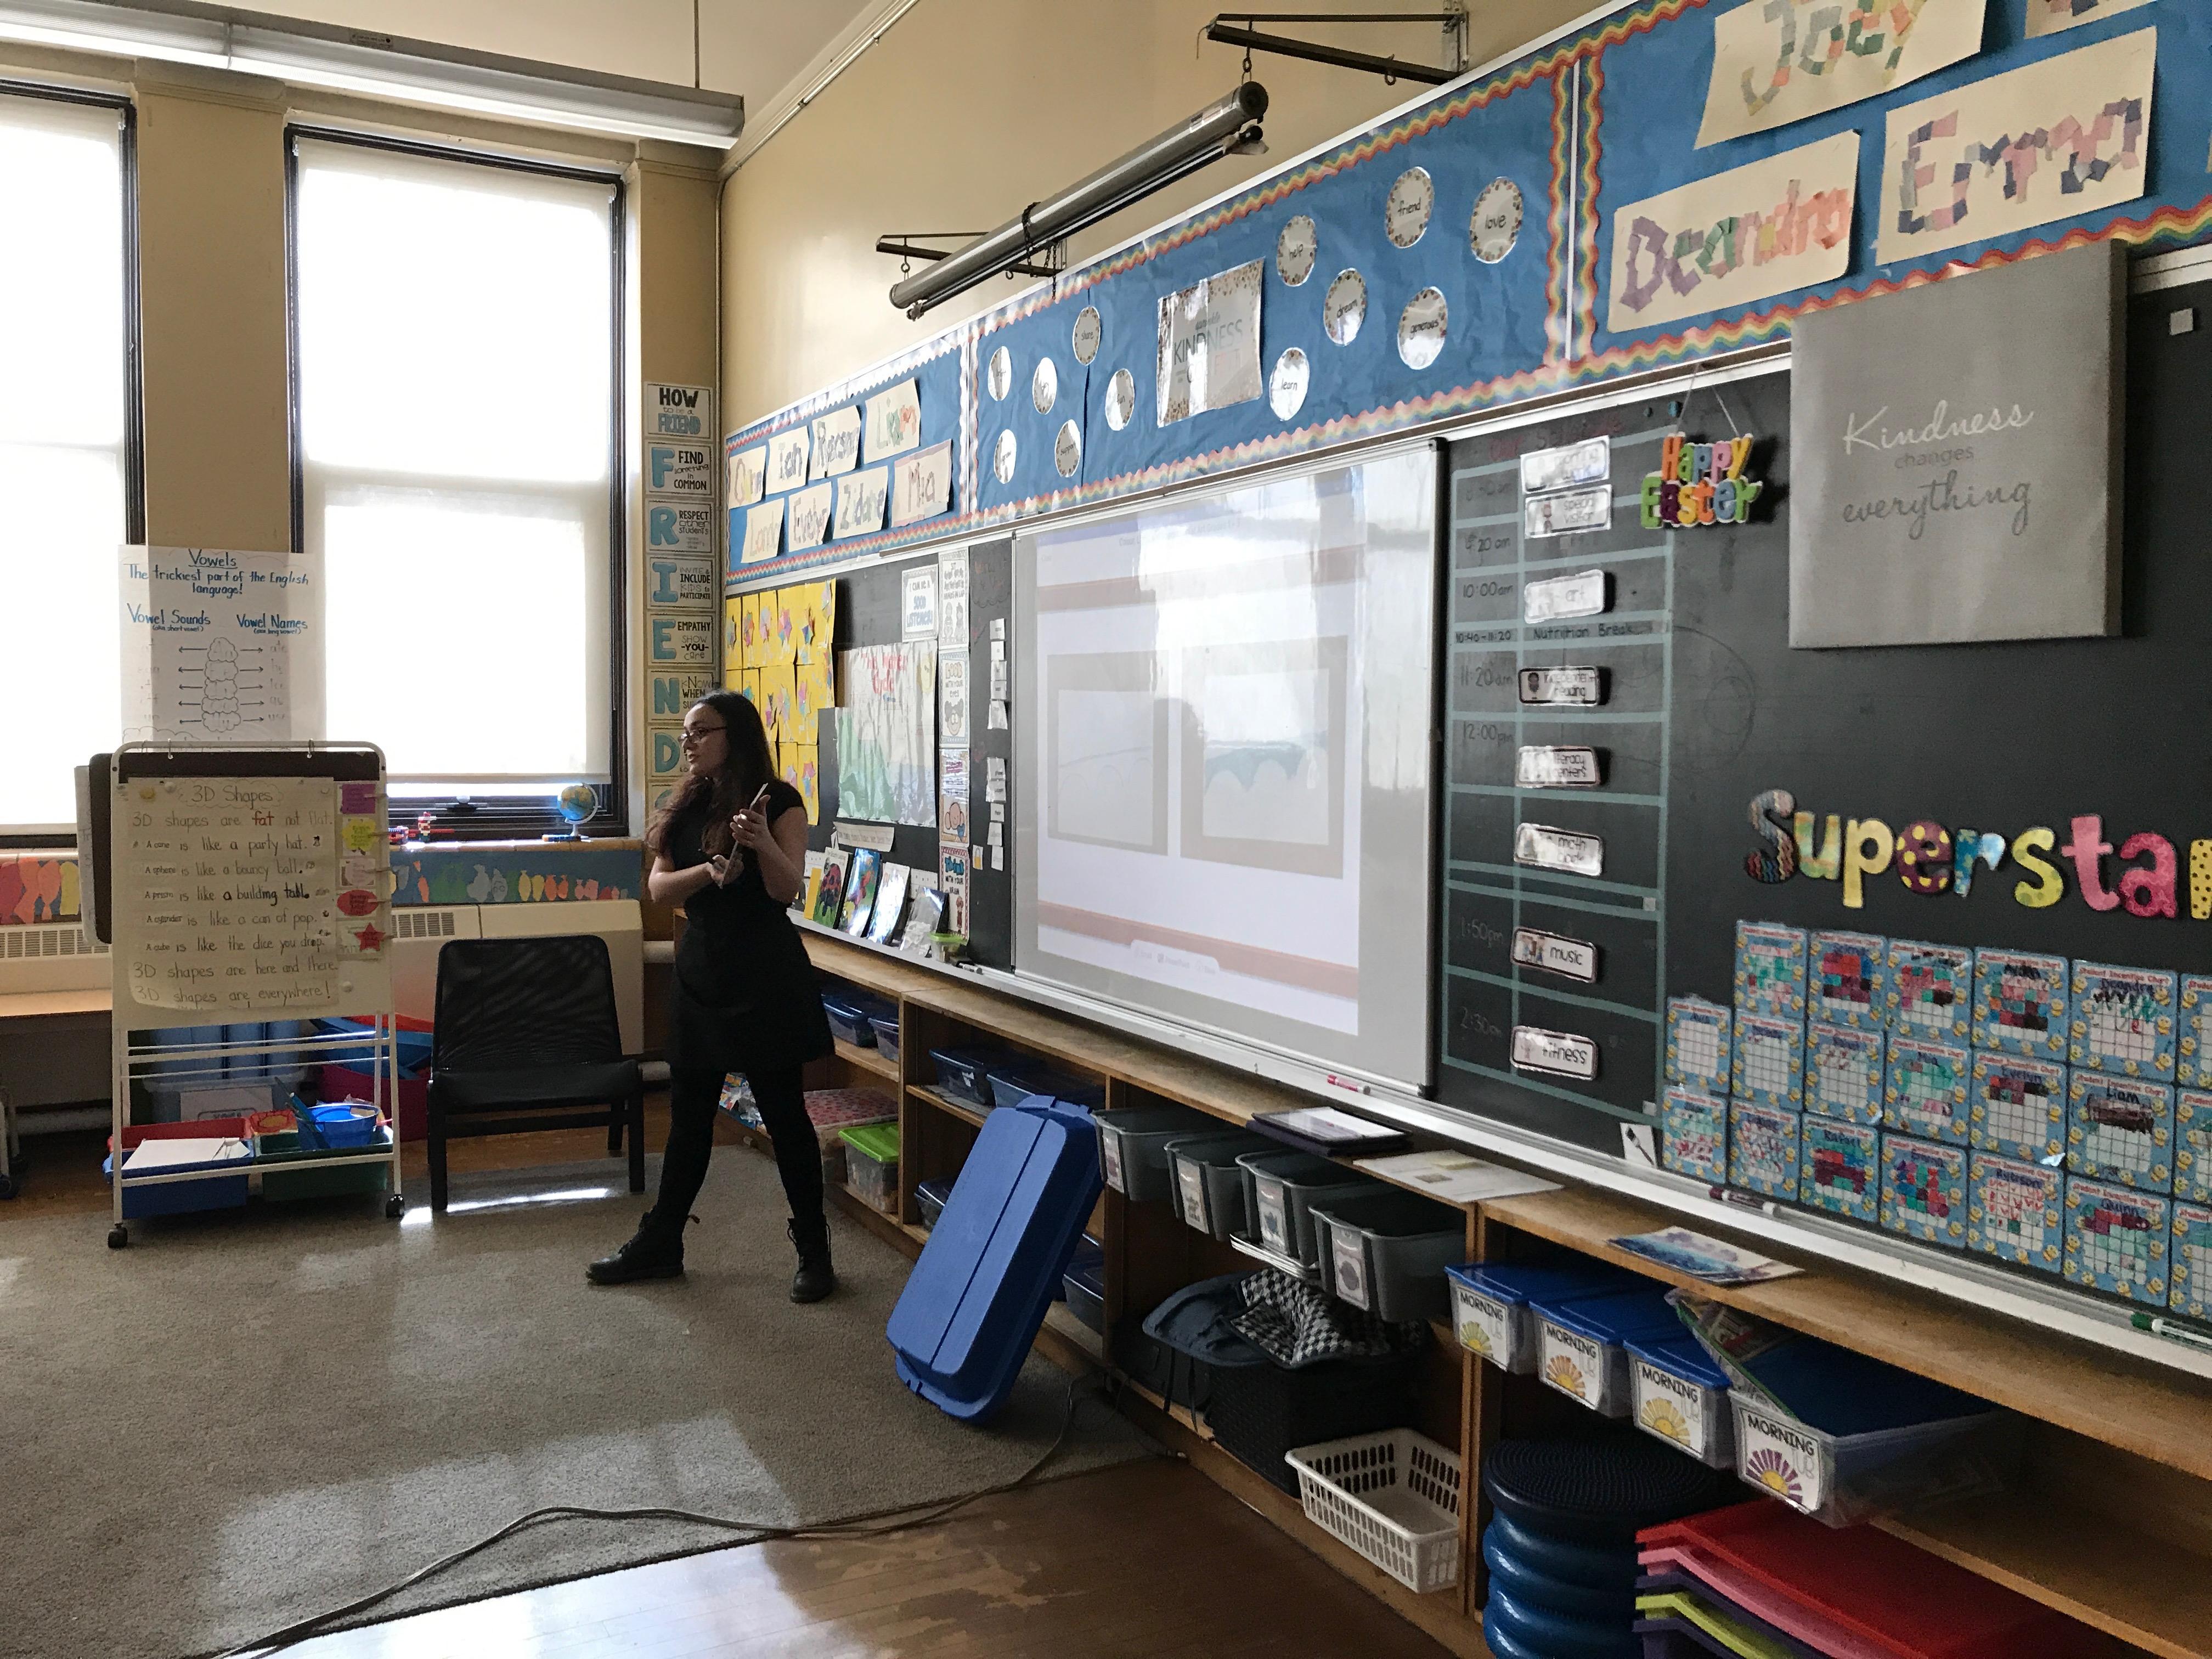 Teresa Gregorio in the classroom at AM Cunningham School